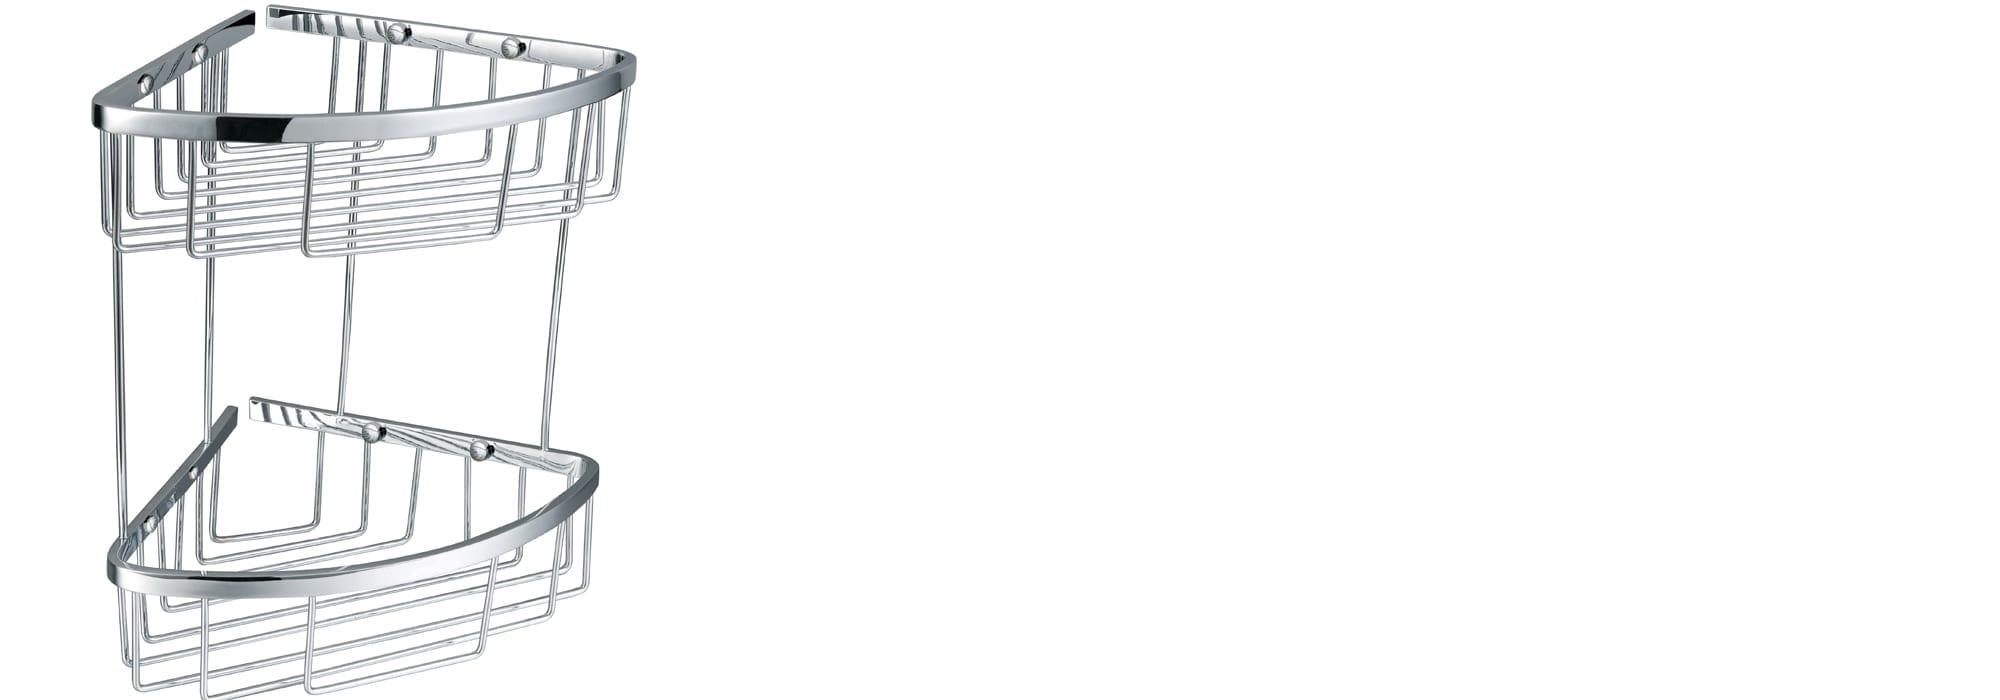 אביזר אמבטיה סל פינתי -מתכת פליז דגם 600 by Milstone